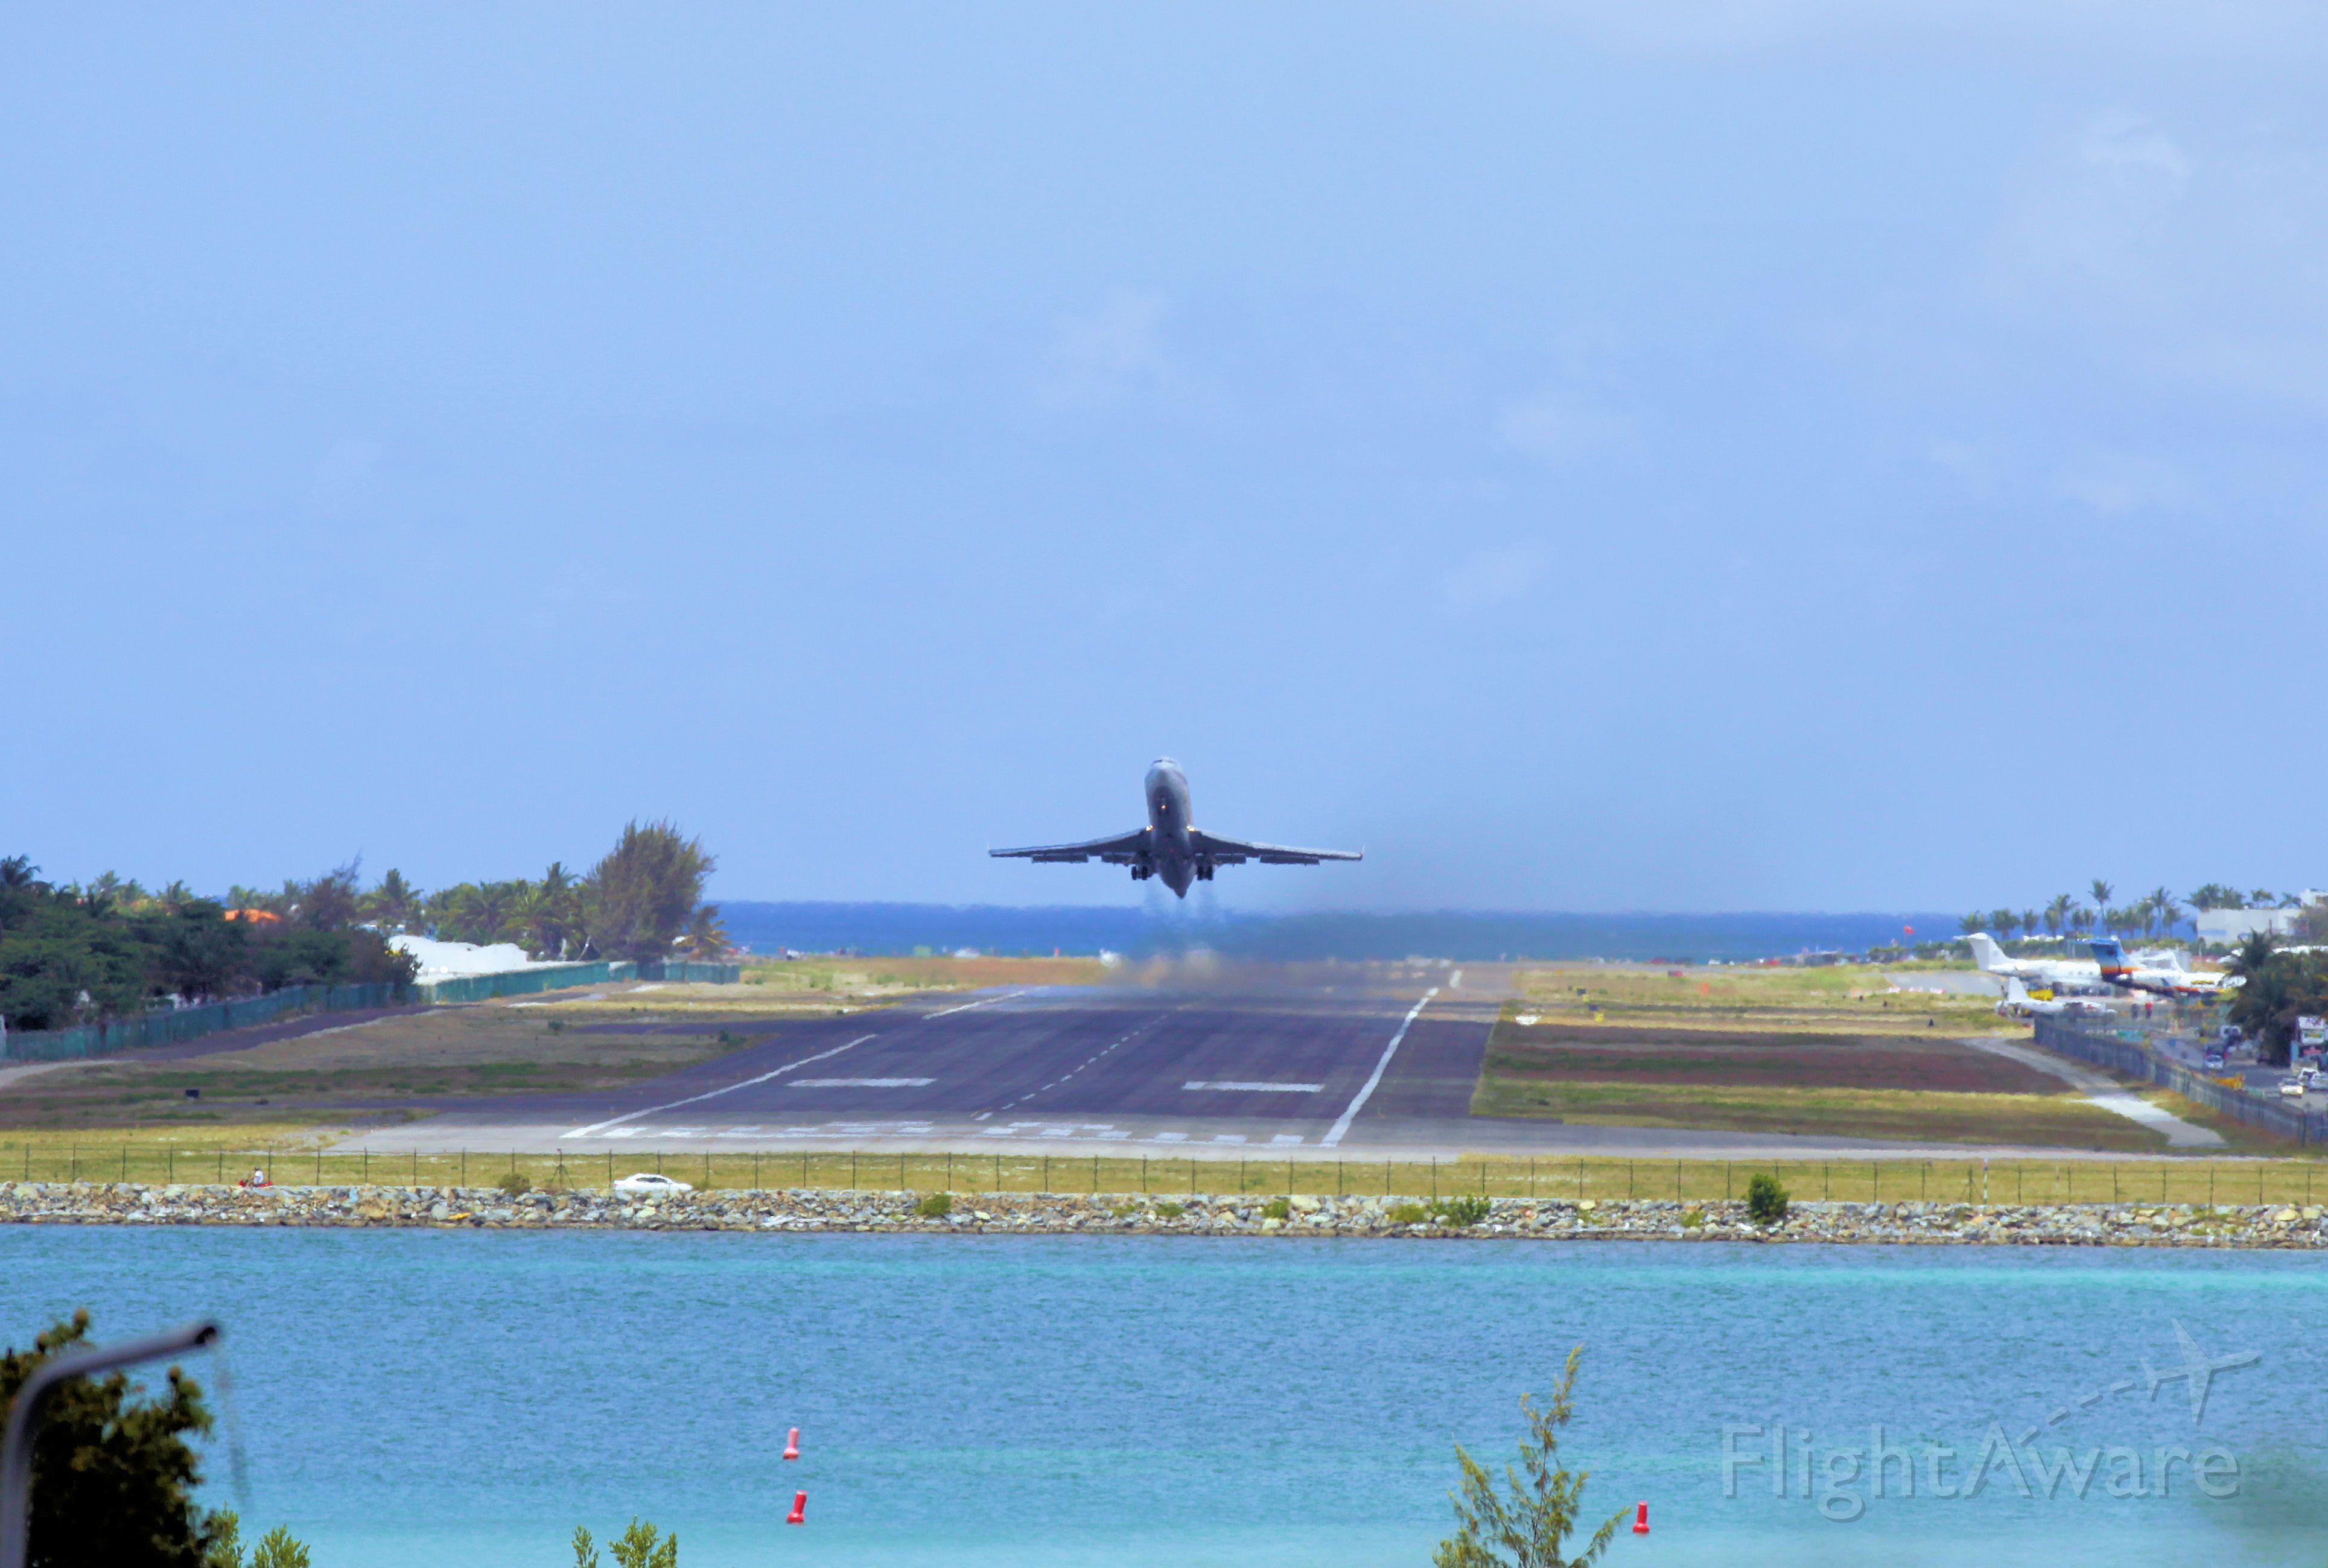 BOEING 727-200 (N395AJ) - AmeriJet 727 N395AJ departing TNCM